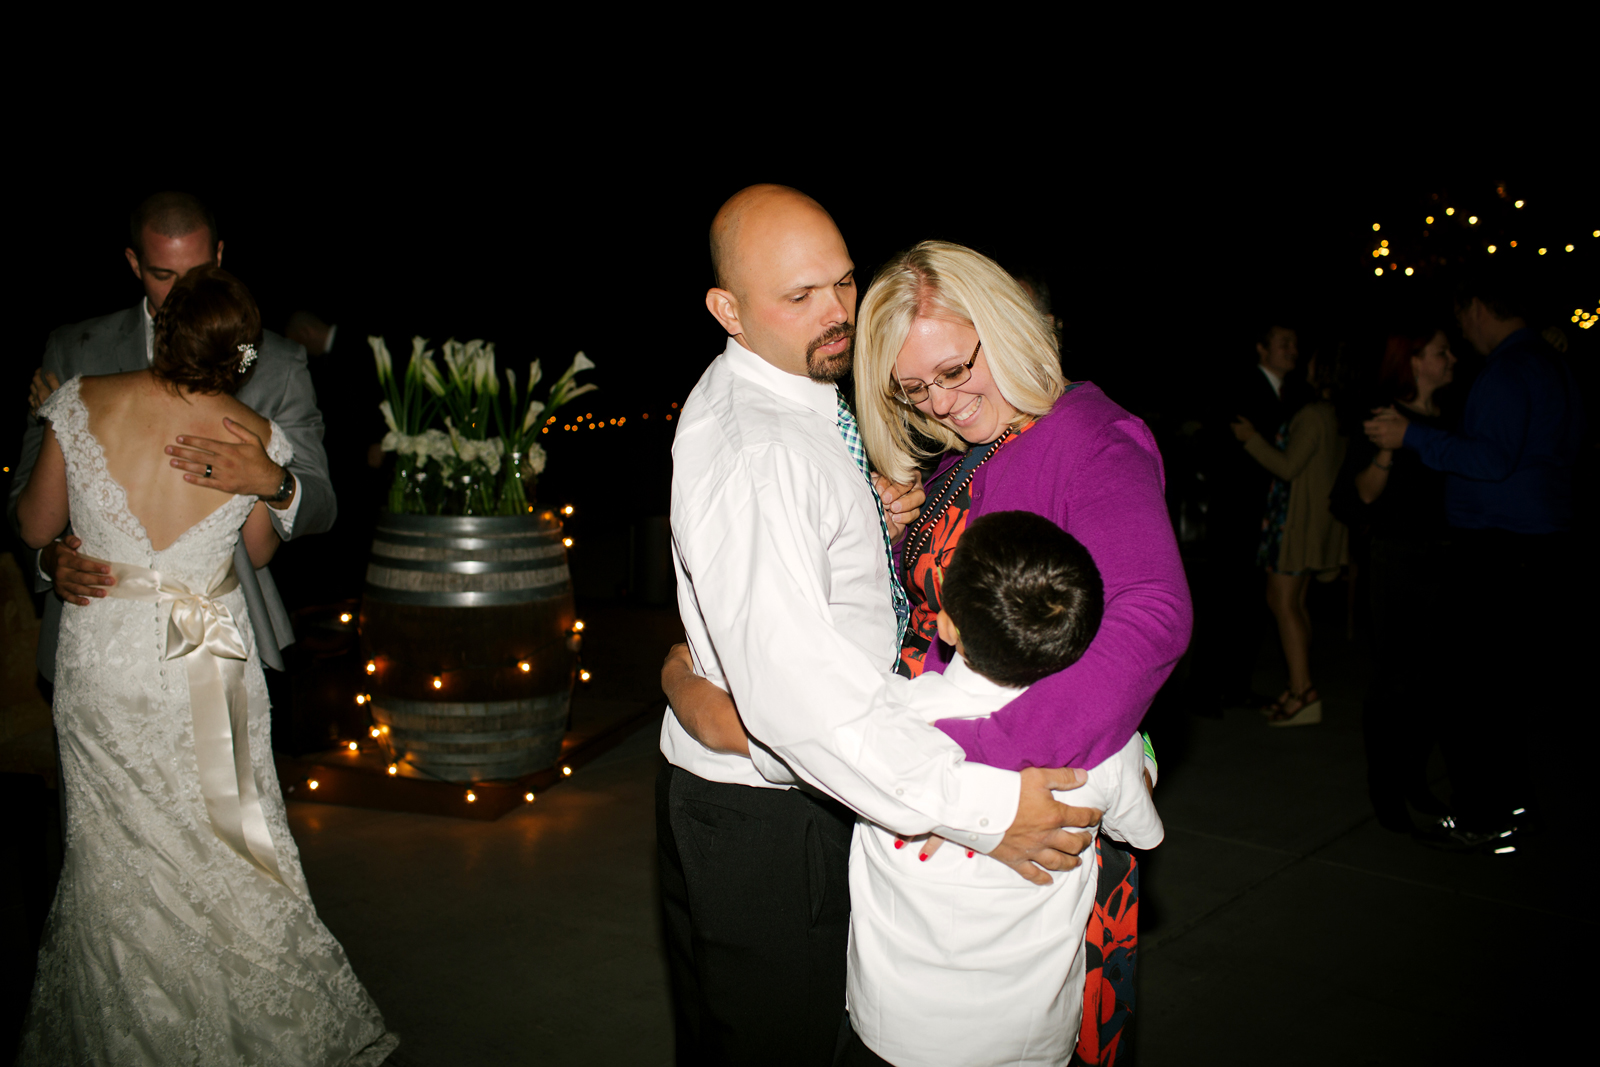 083-daronjackson-rich-wedding.jpg